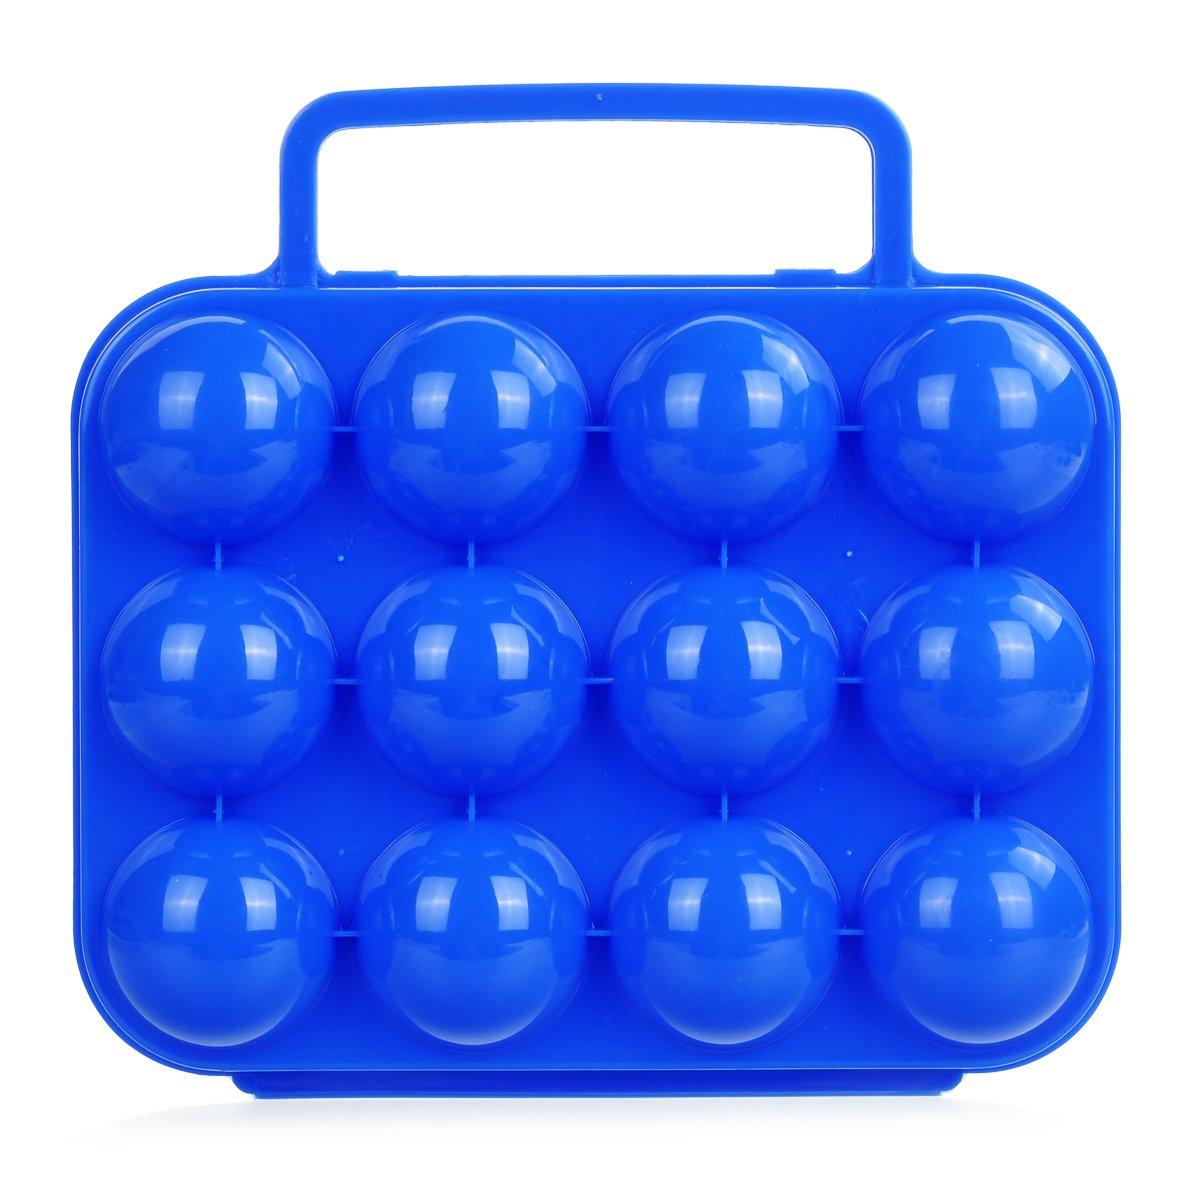 プラスチック12卵キャリアコンテナストレージボックスケースのピクニック – ブルー B0793M9PPY